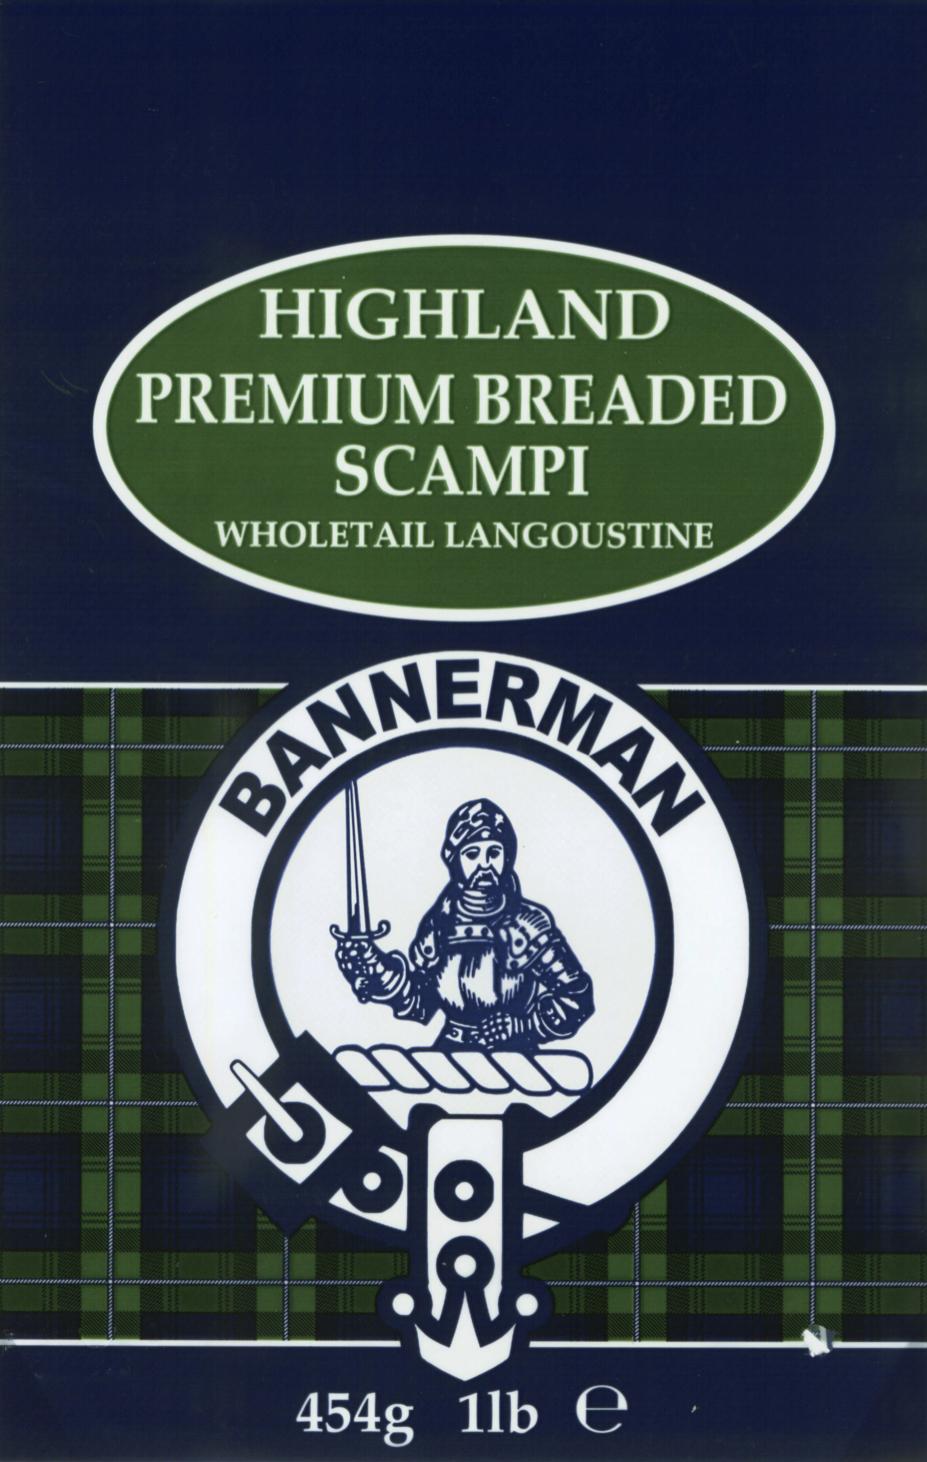 Highland Premium Breaded Scampi